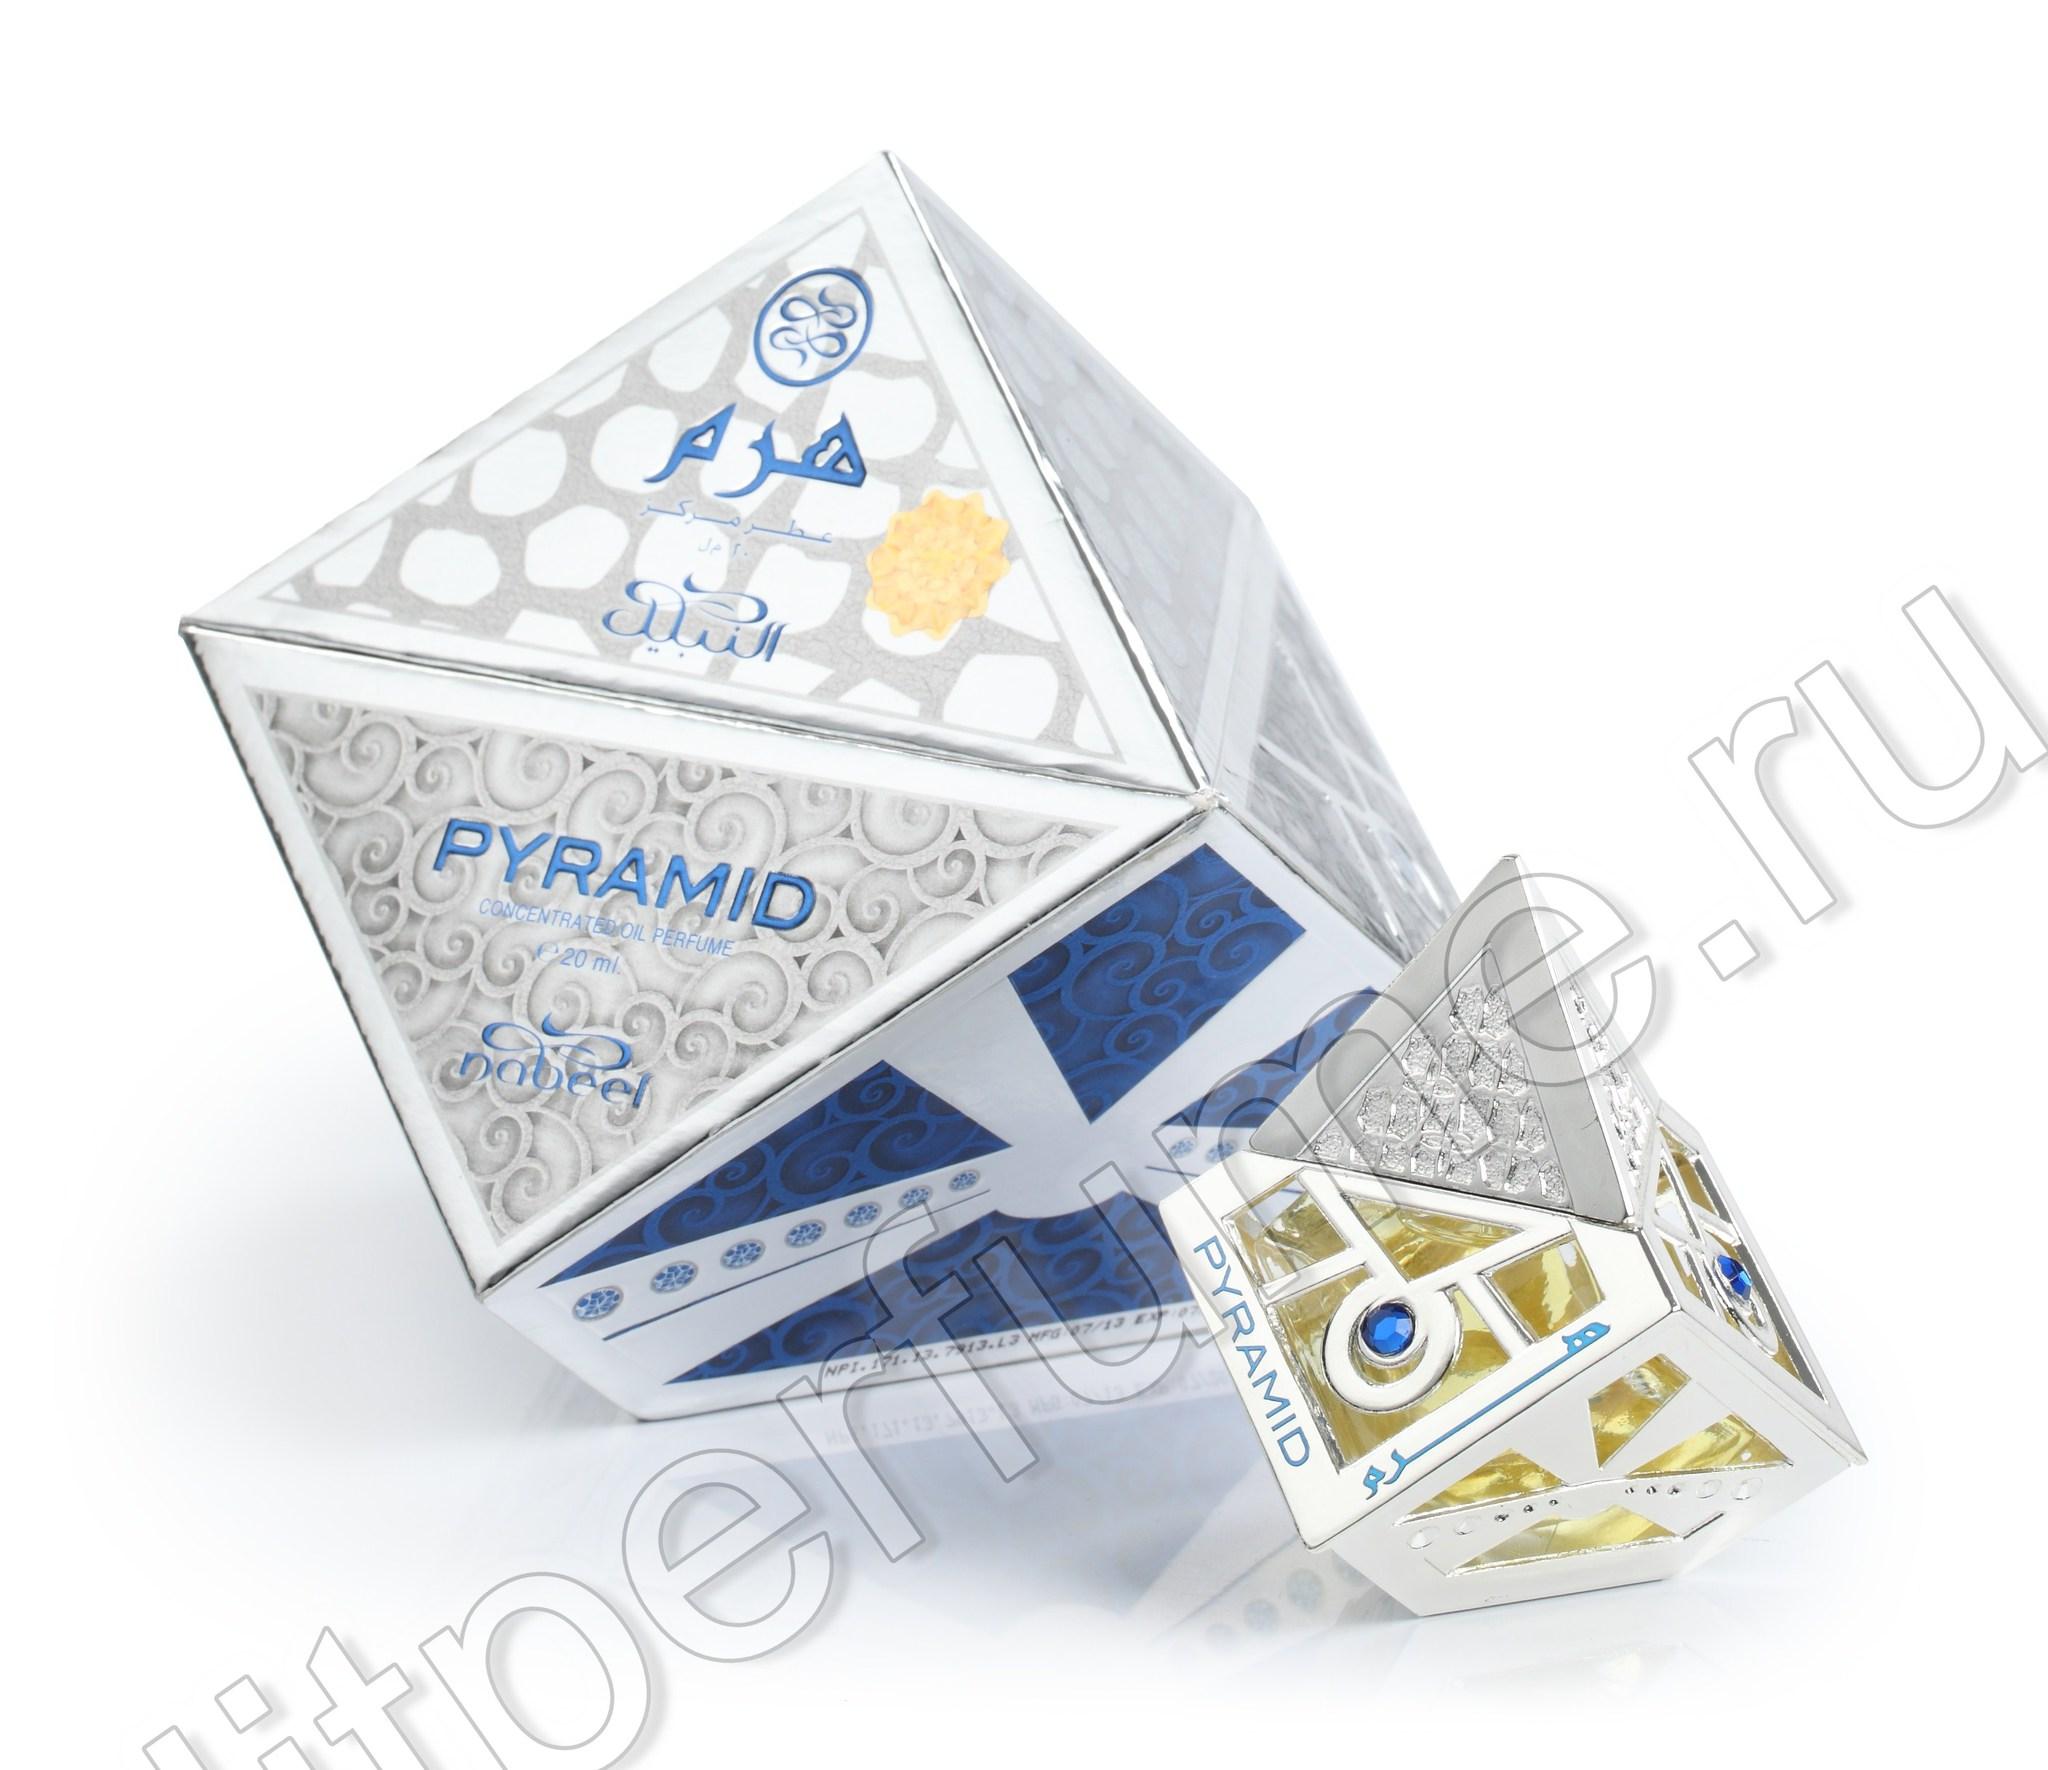 Пробник для Пирамида Pyramid 1 мл арабские масляные духи от Набиль Nabeel Perfumes